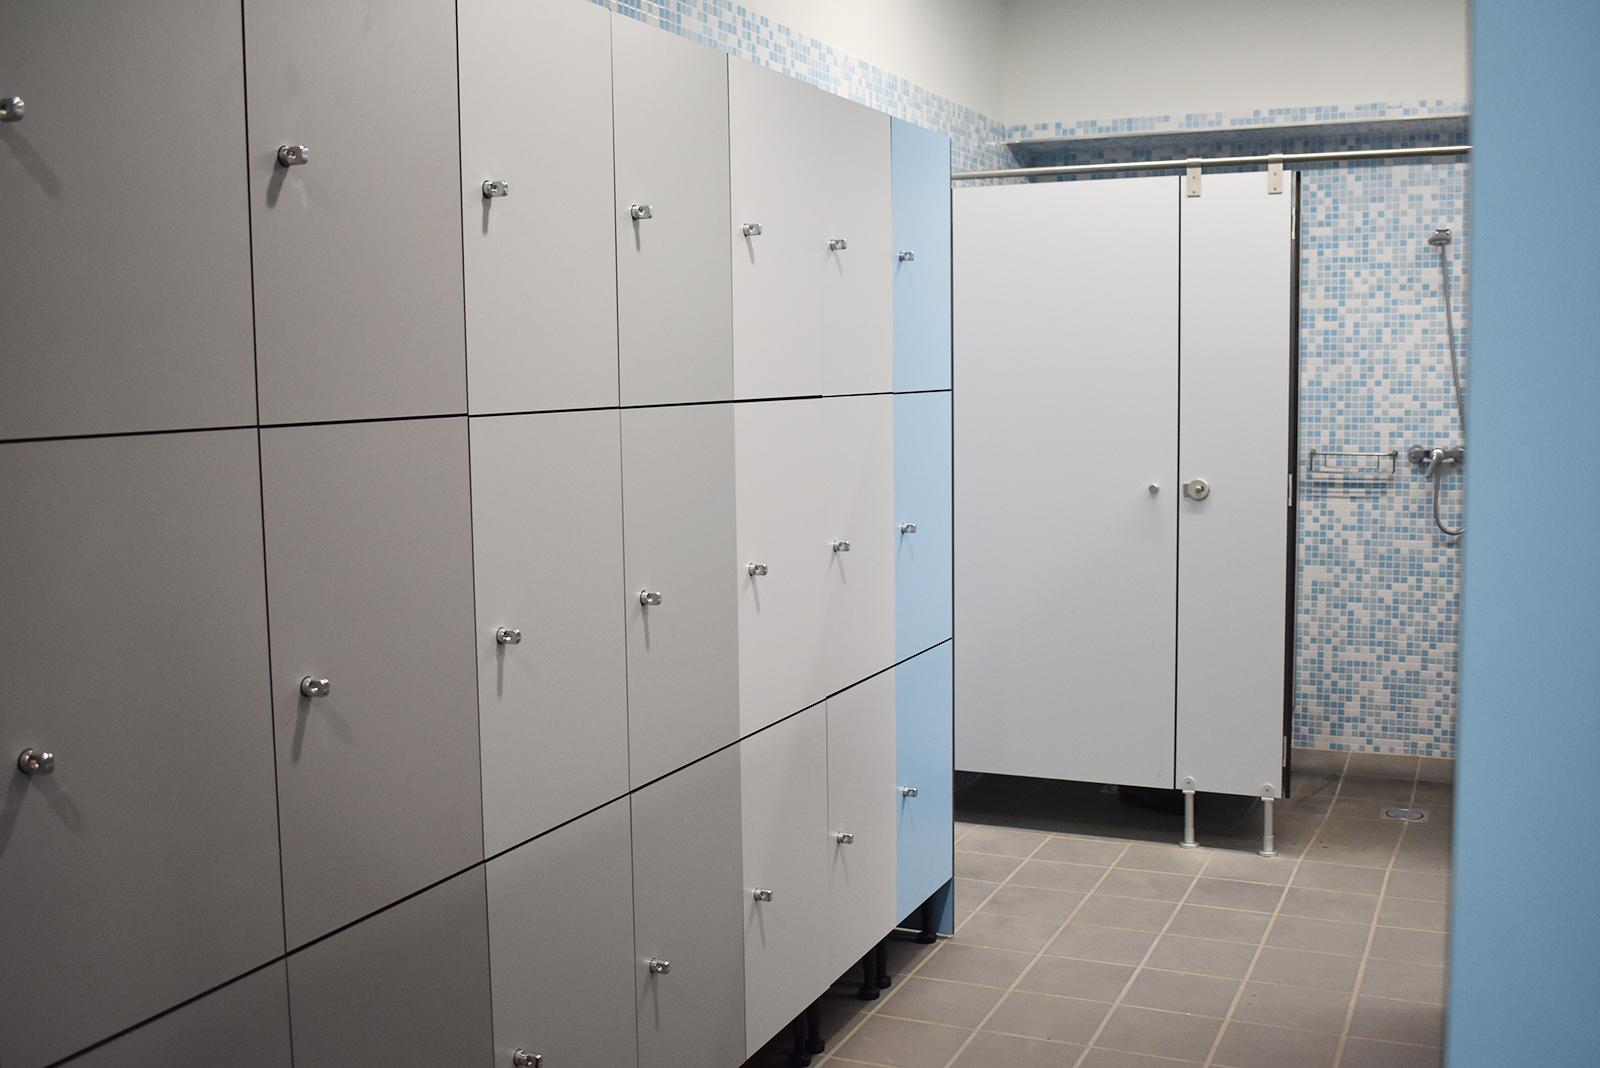 Complejo Deportivo Comarcal – Taquillas y cabinas sanitarias para vestuarios de piscina en panel fenólico de colores